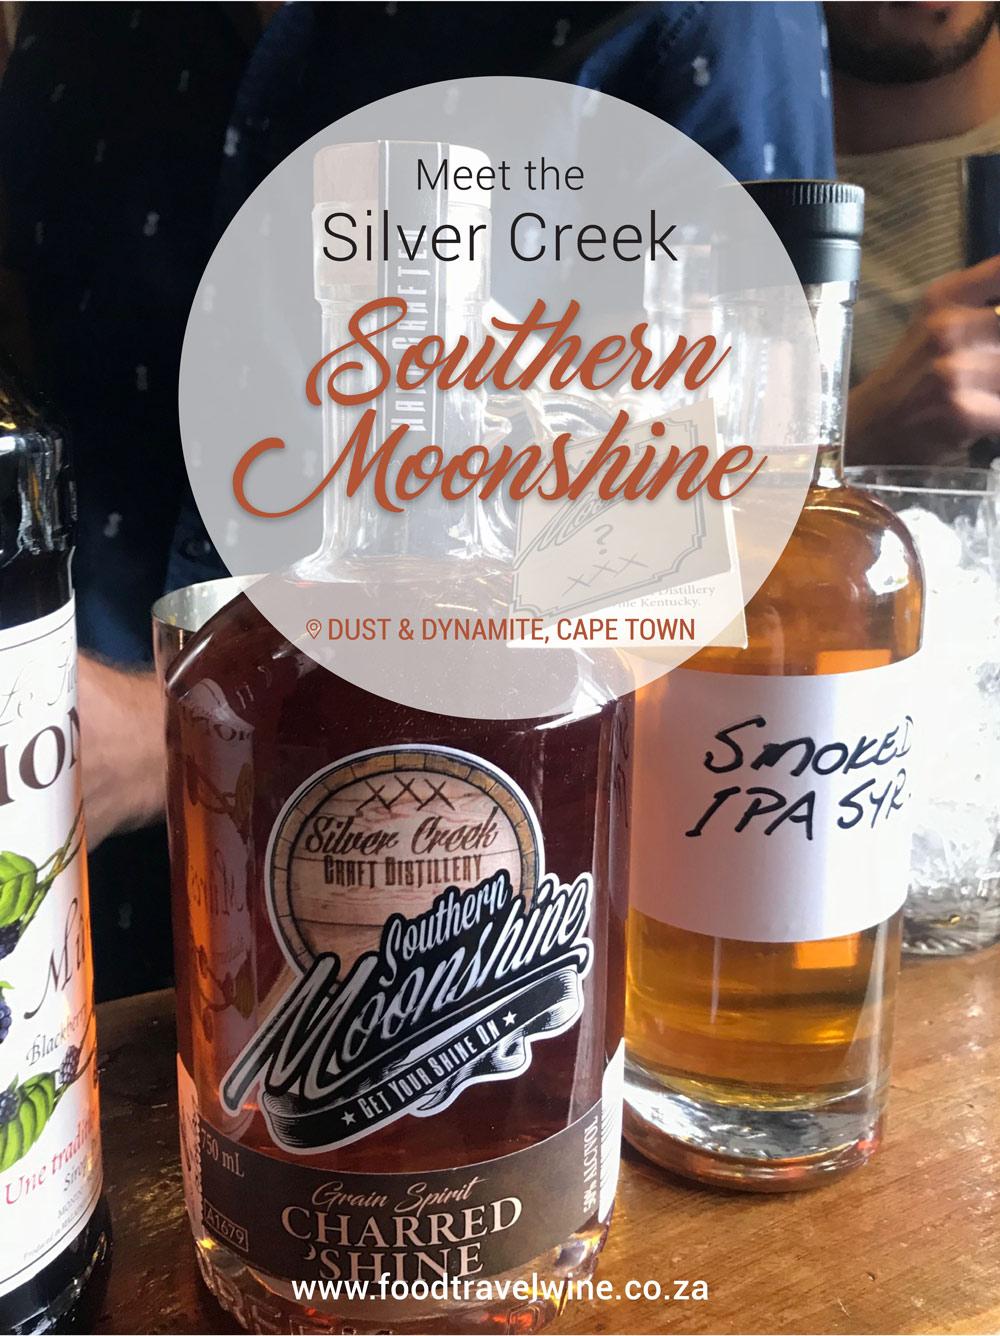 Silvercreek-Southern-Moonshine